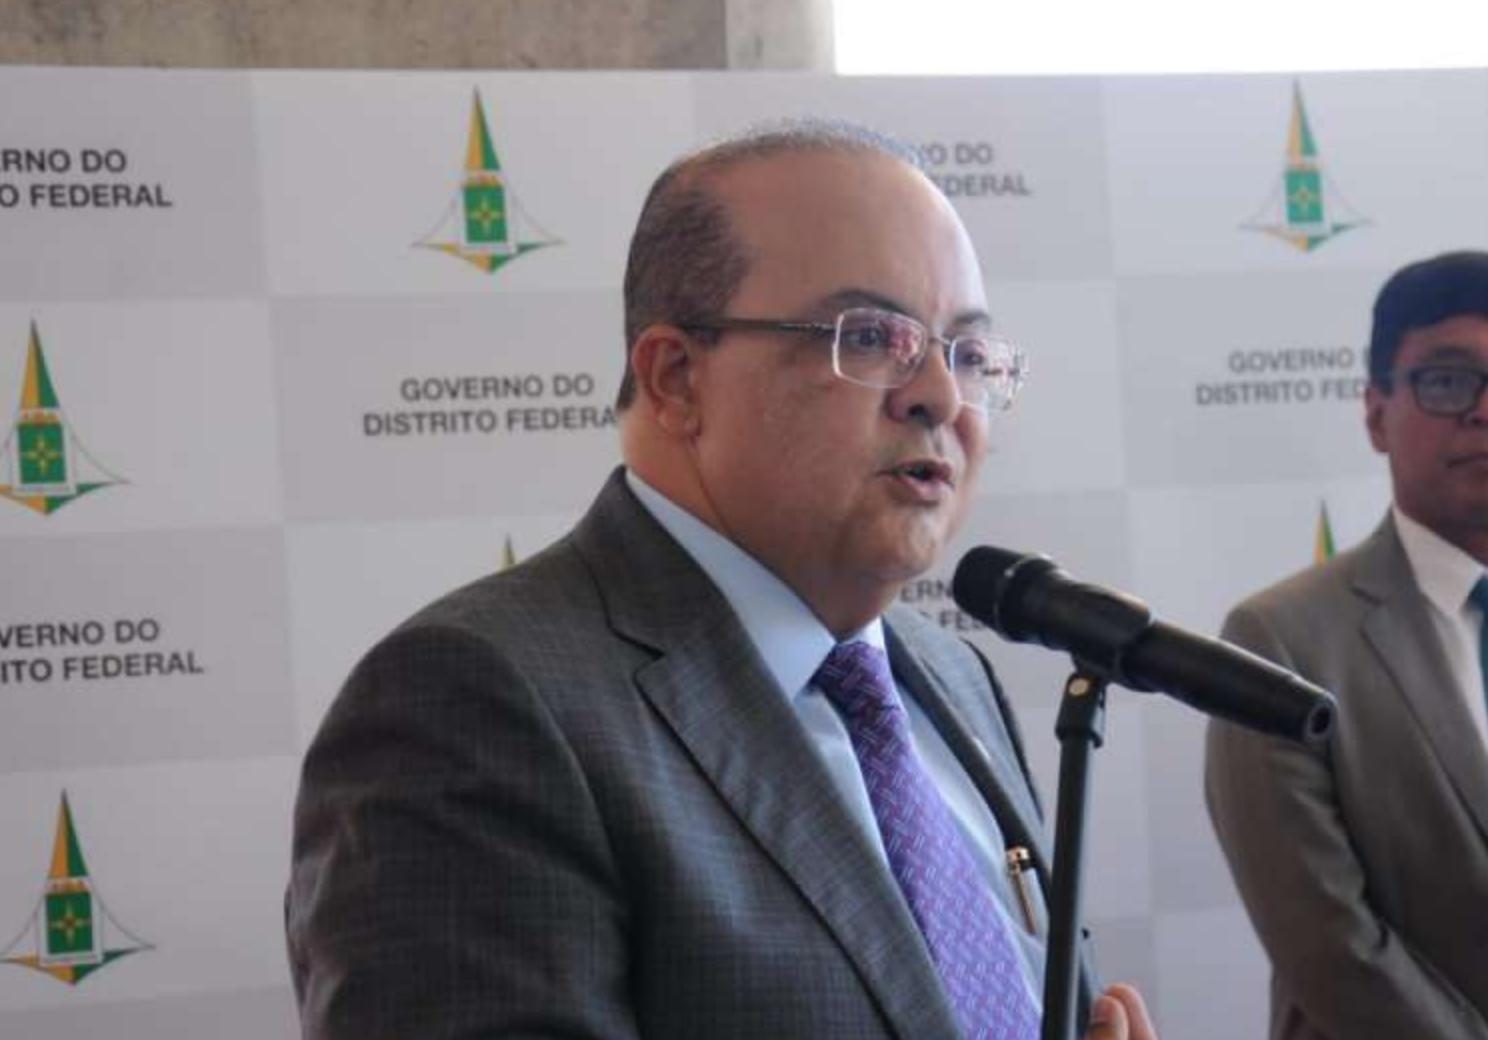 rocha ibaneis governador gdf radio corredor - Ibaneis repete: Dinheiro tem, o que falta é gestão